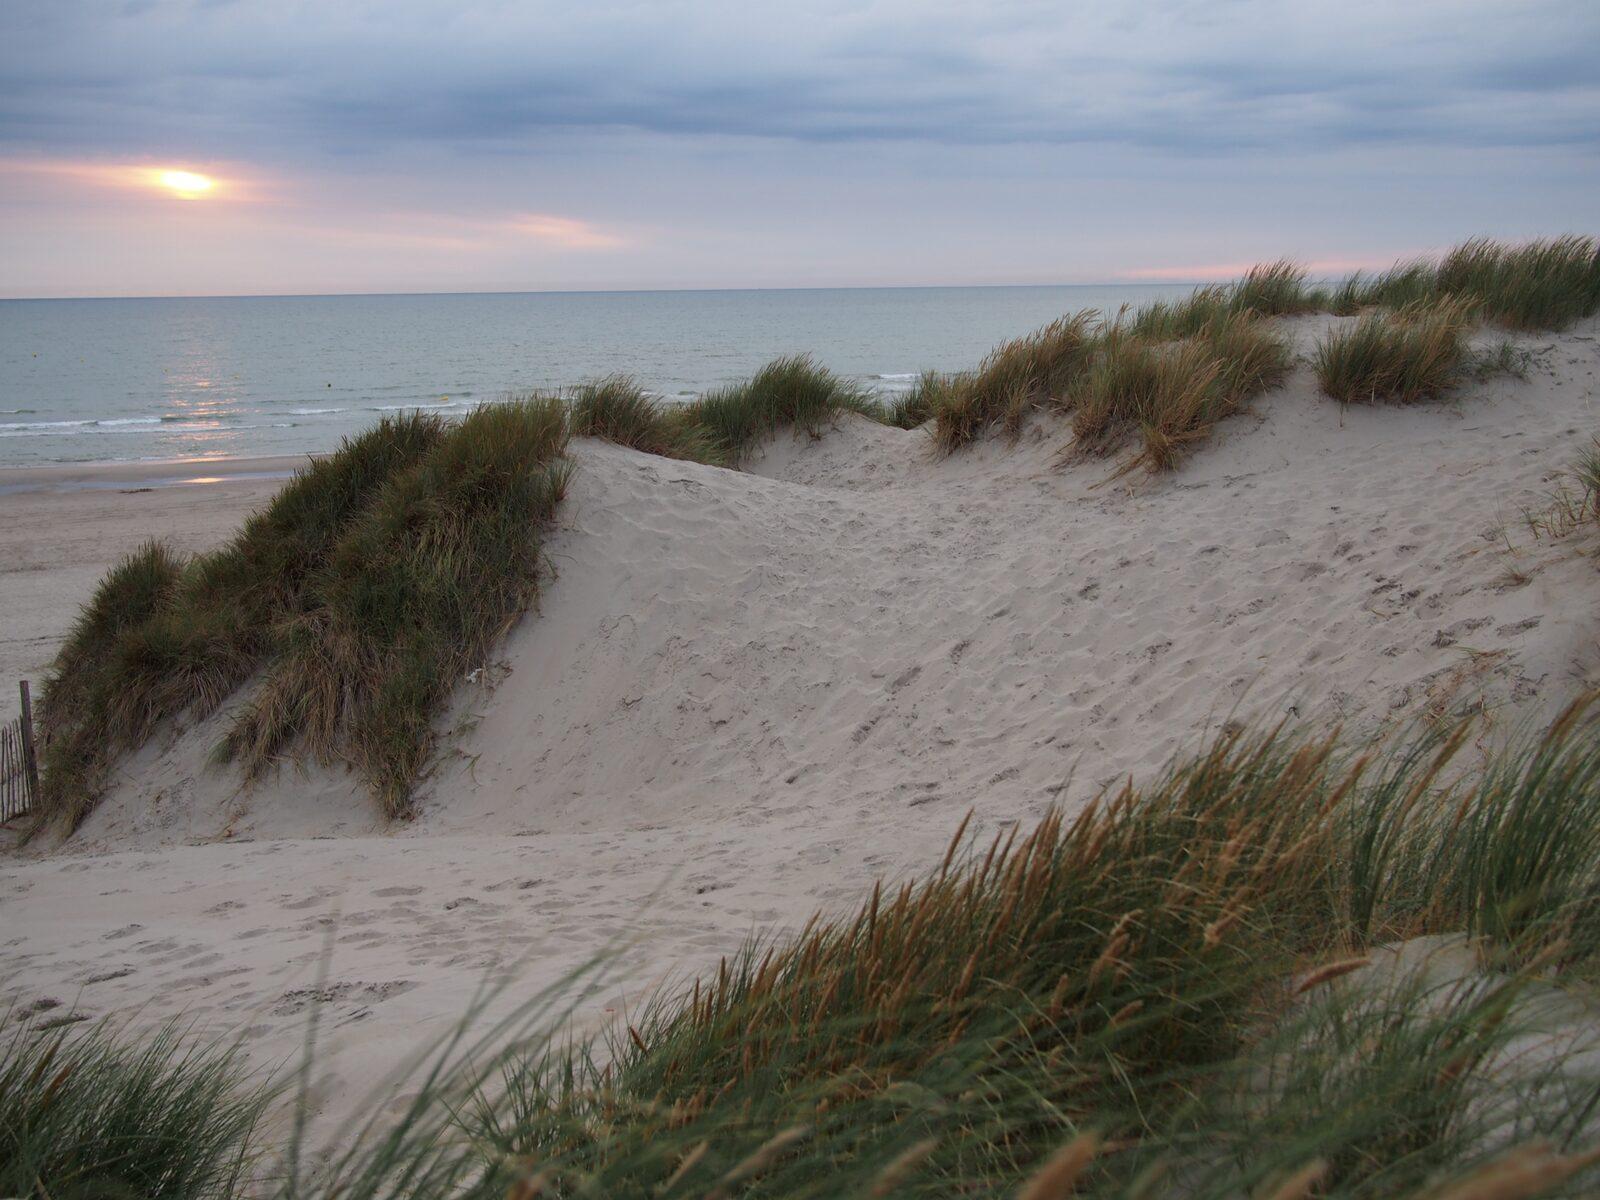 The beautiful beach of berck sur mer